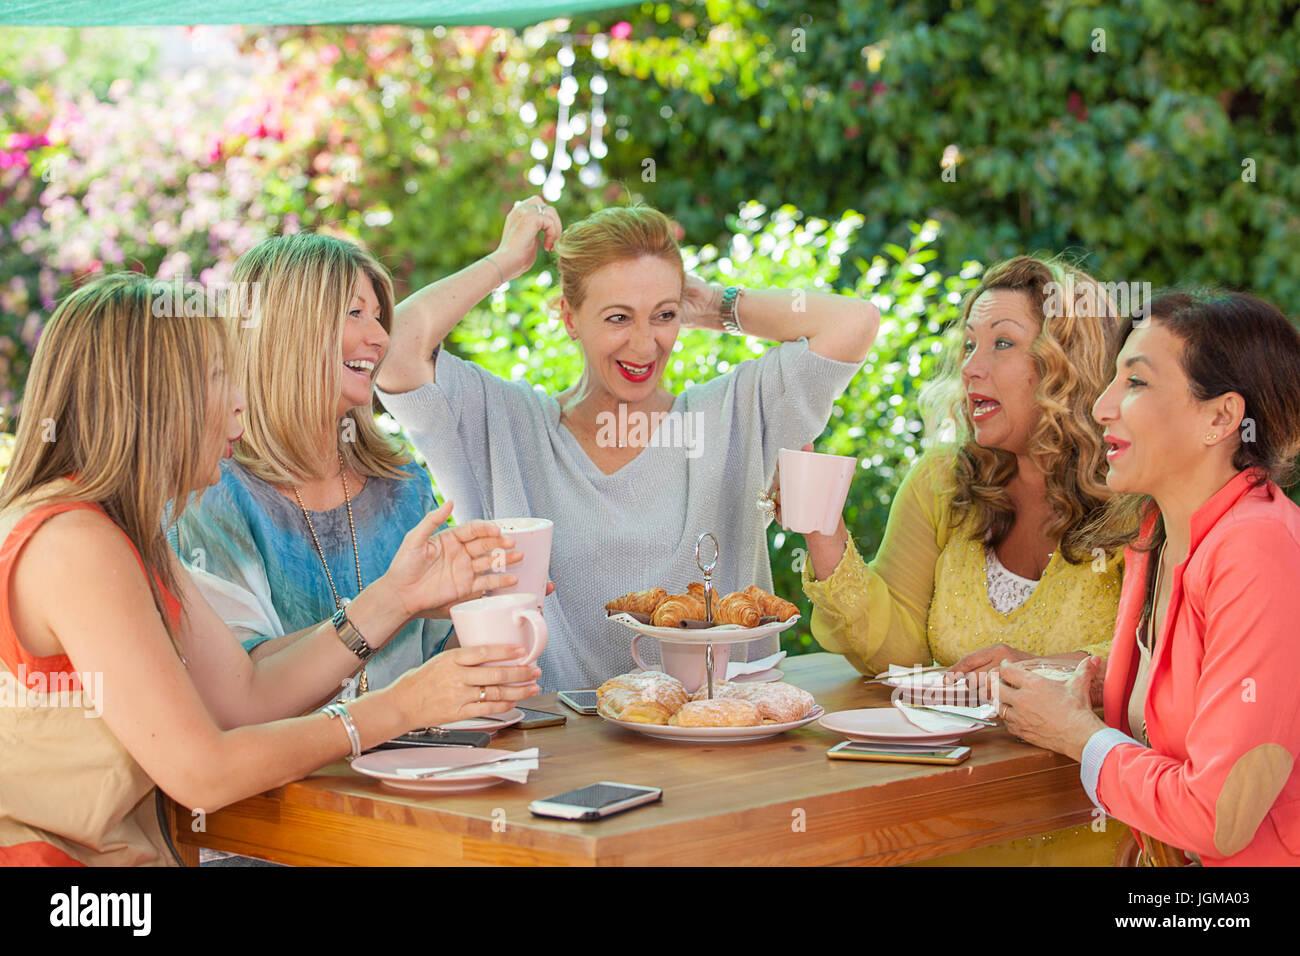 Groupe de femmes réunion d'amis pour le café. et des gâteaux Photo Stock -  Alamy